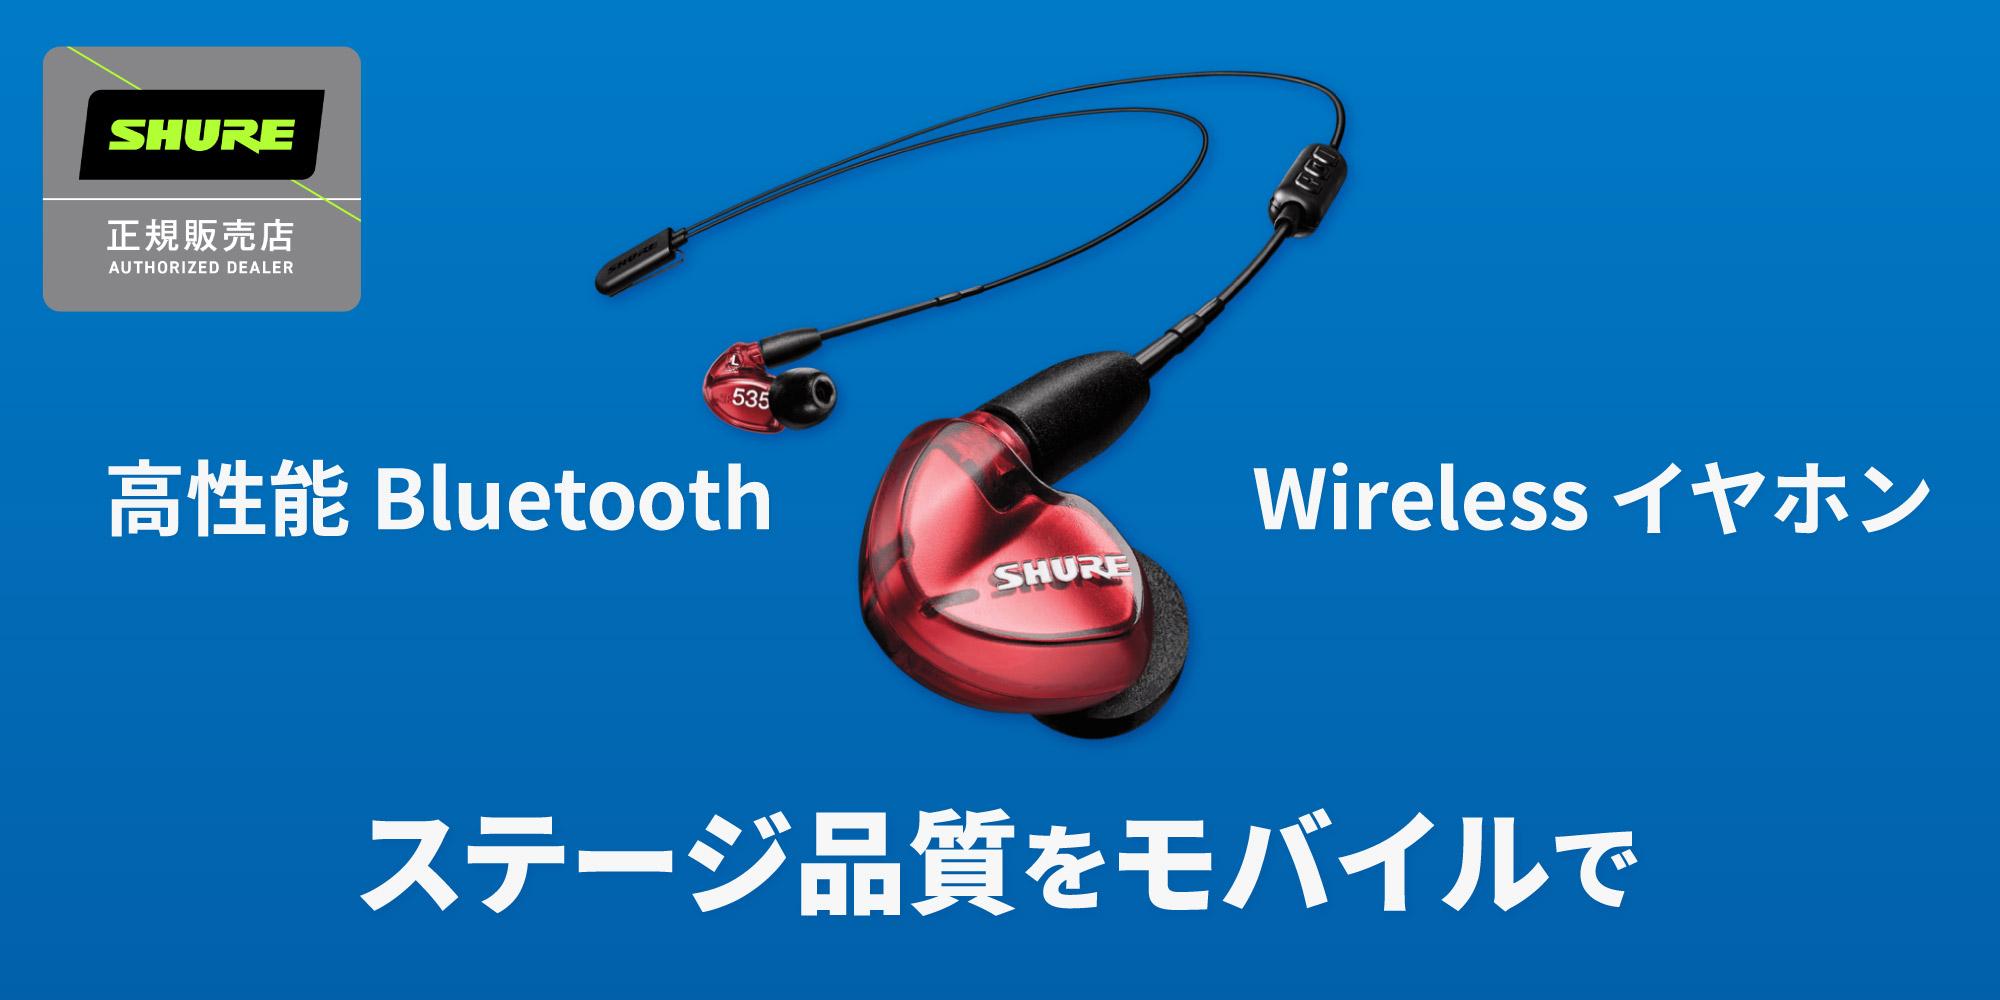 プロ品質イヤホンをBluetoothで使う。SHUREワイヤレスイヤホン/イヤホンケーブル